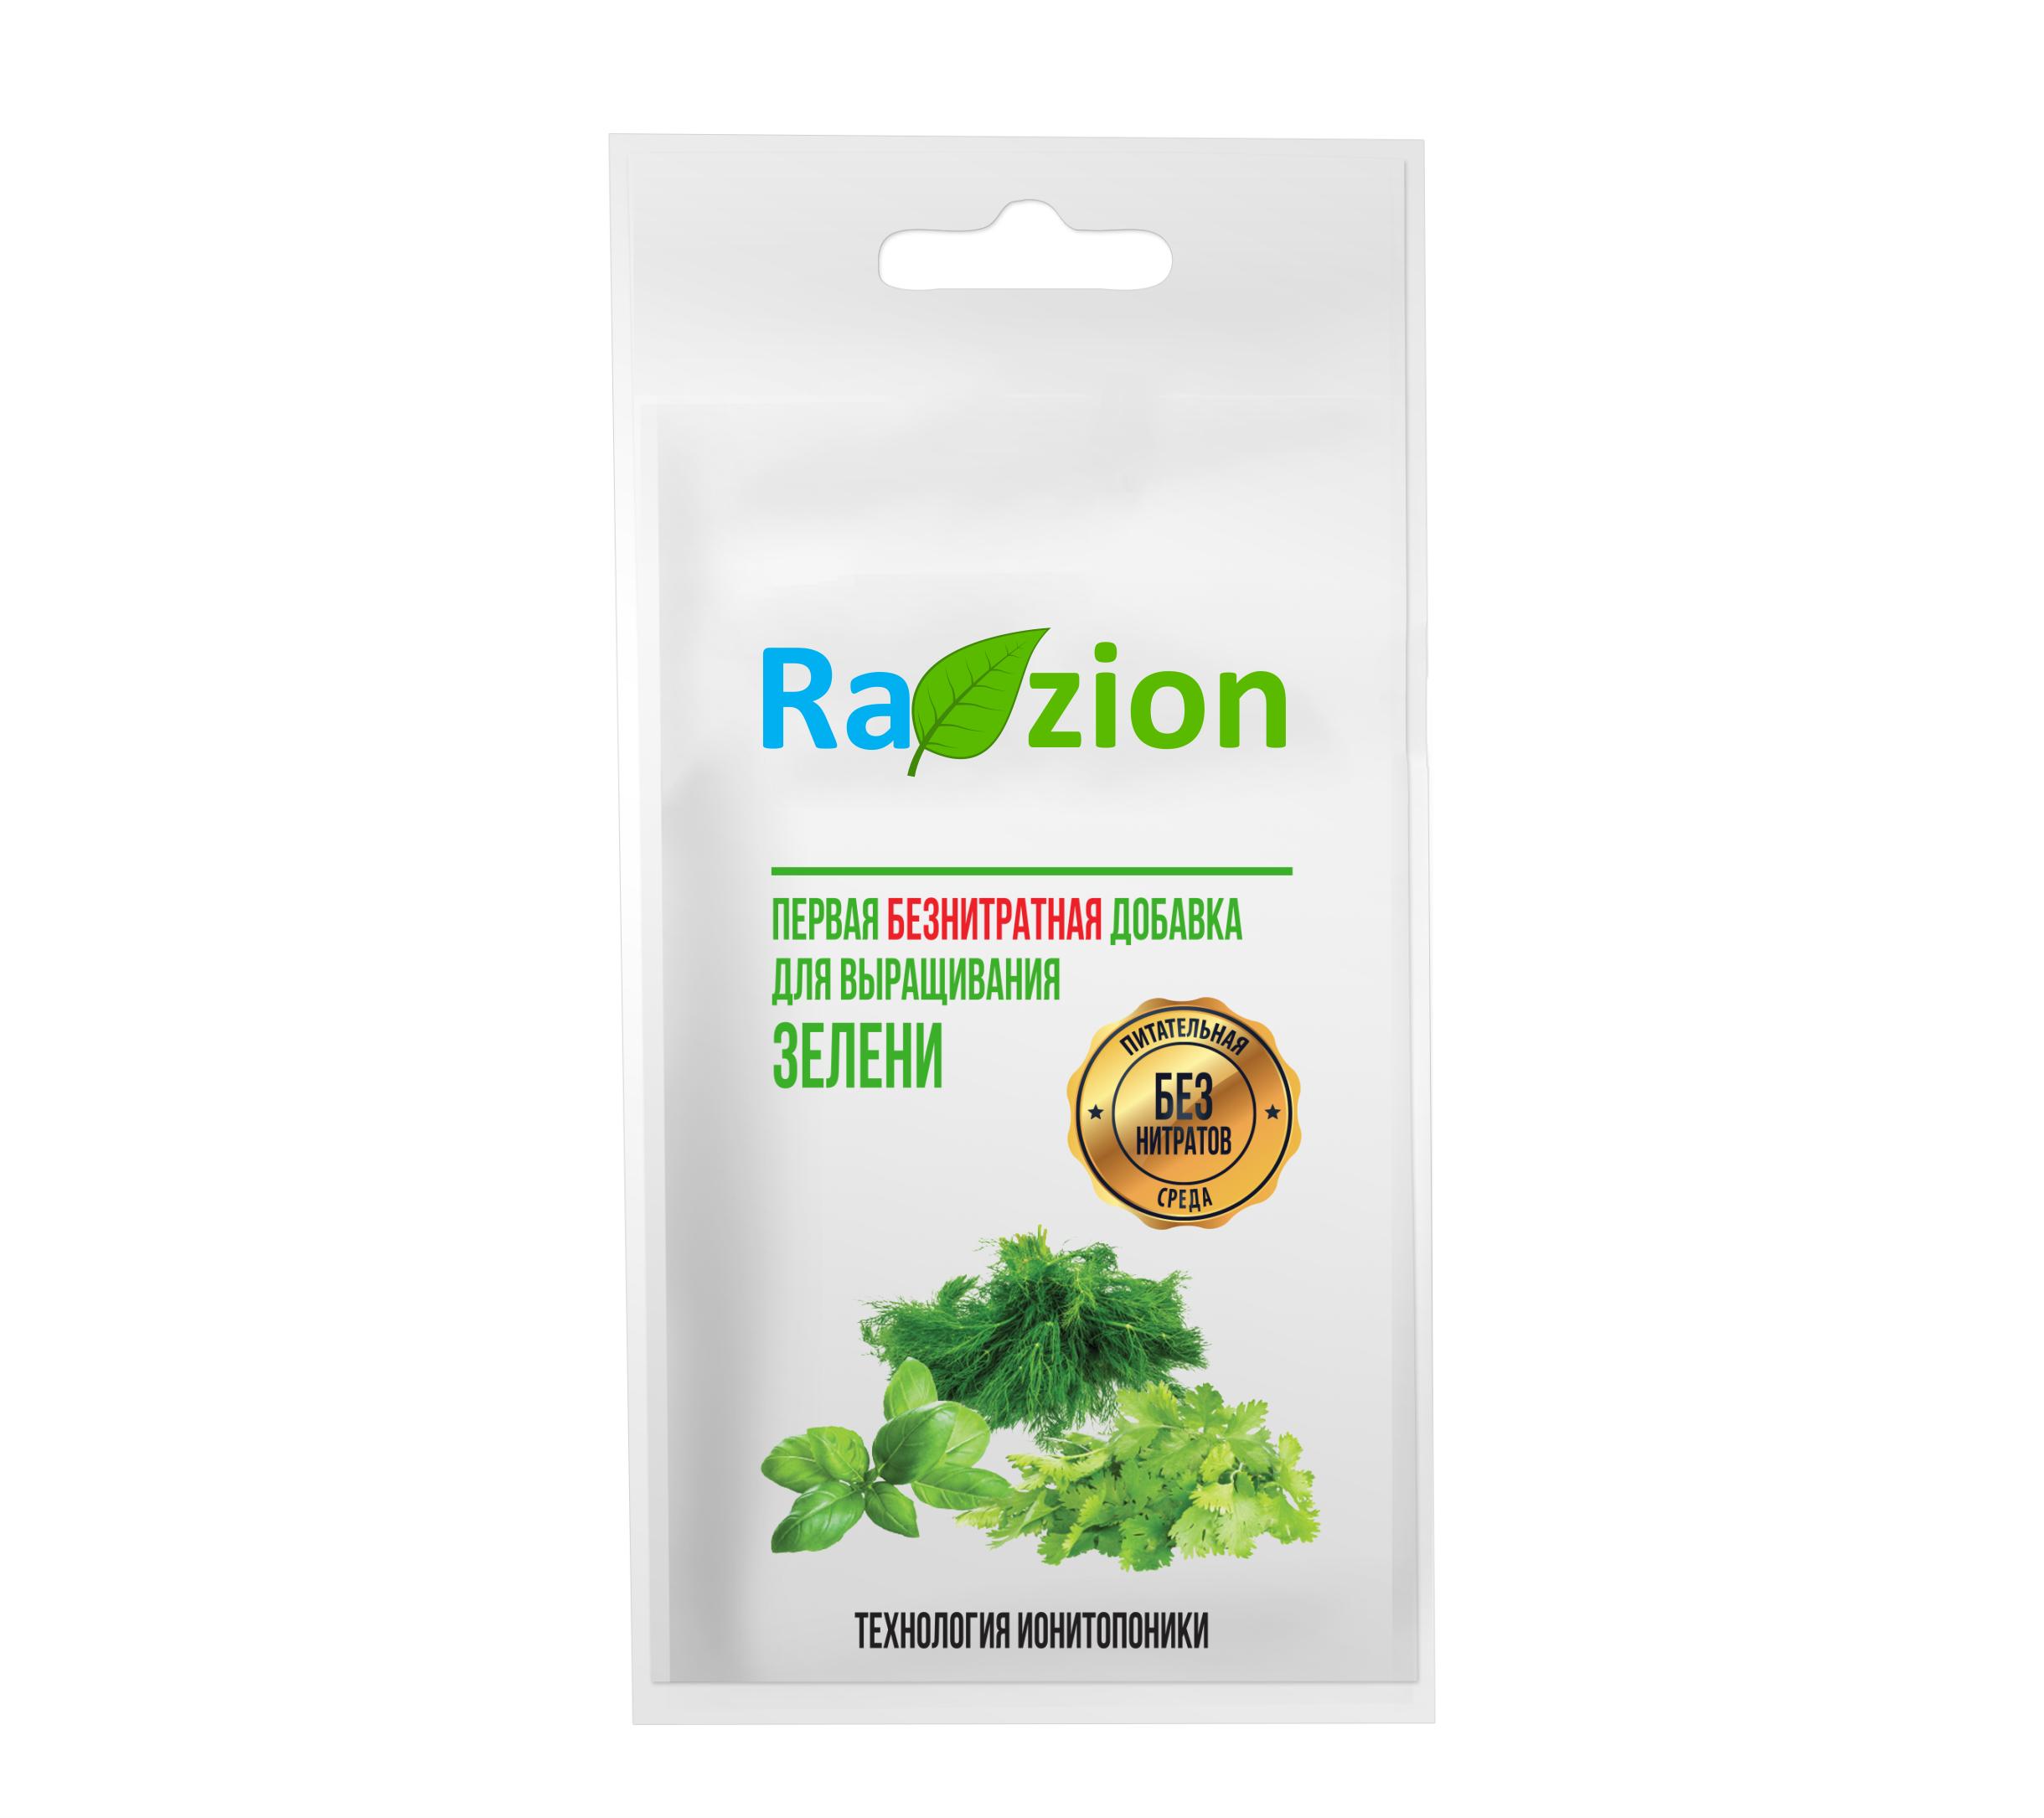 Удобрение RAZION для зелени (лука, укропа, петрушки и др.). Улучшитель на 1.5л грунта